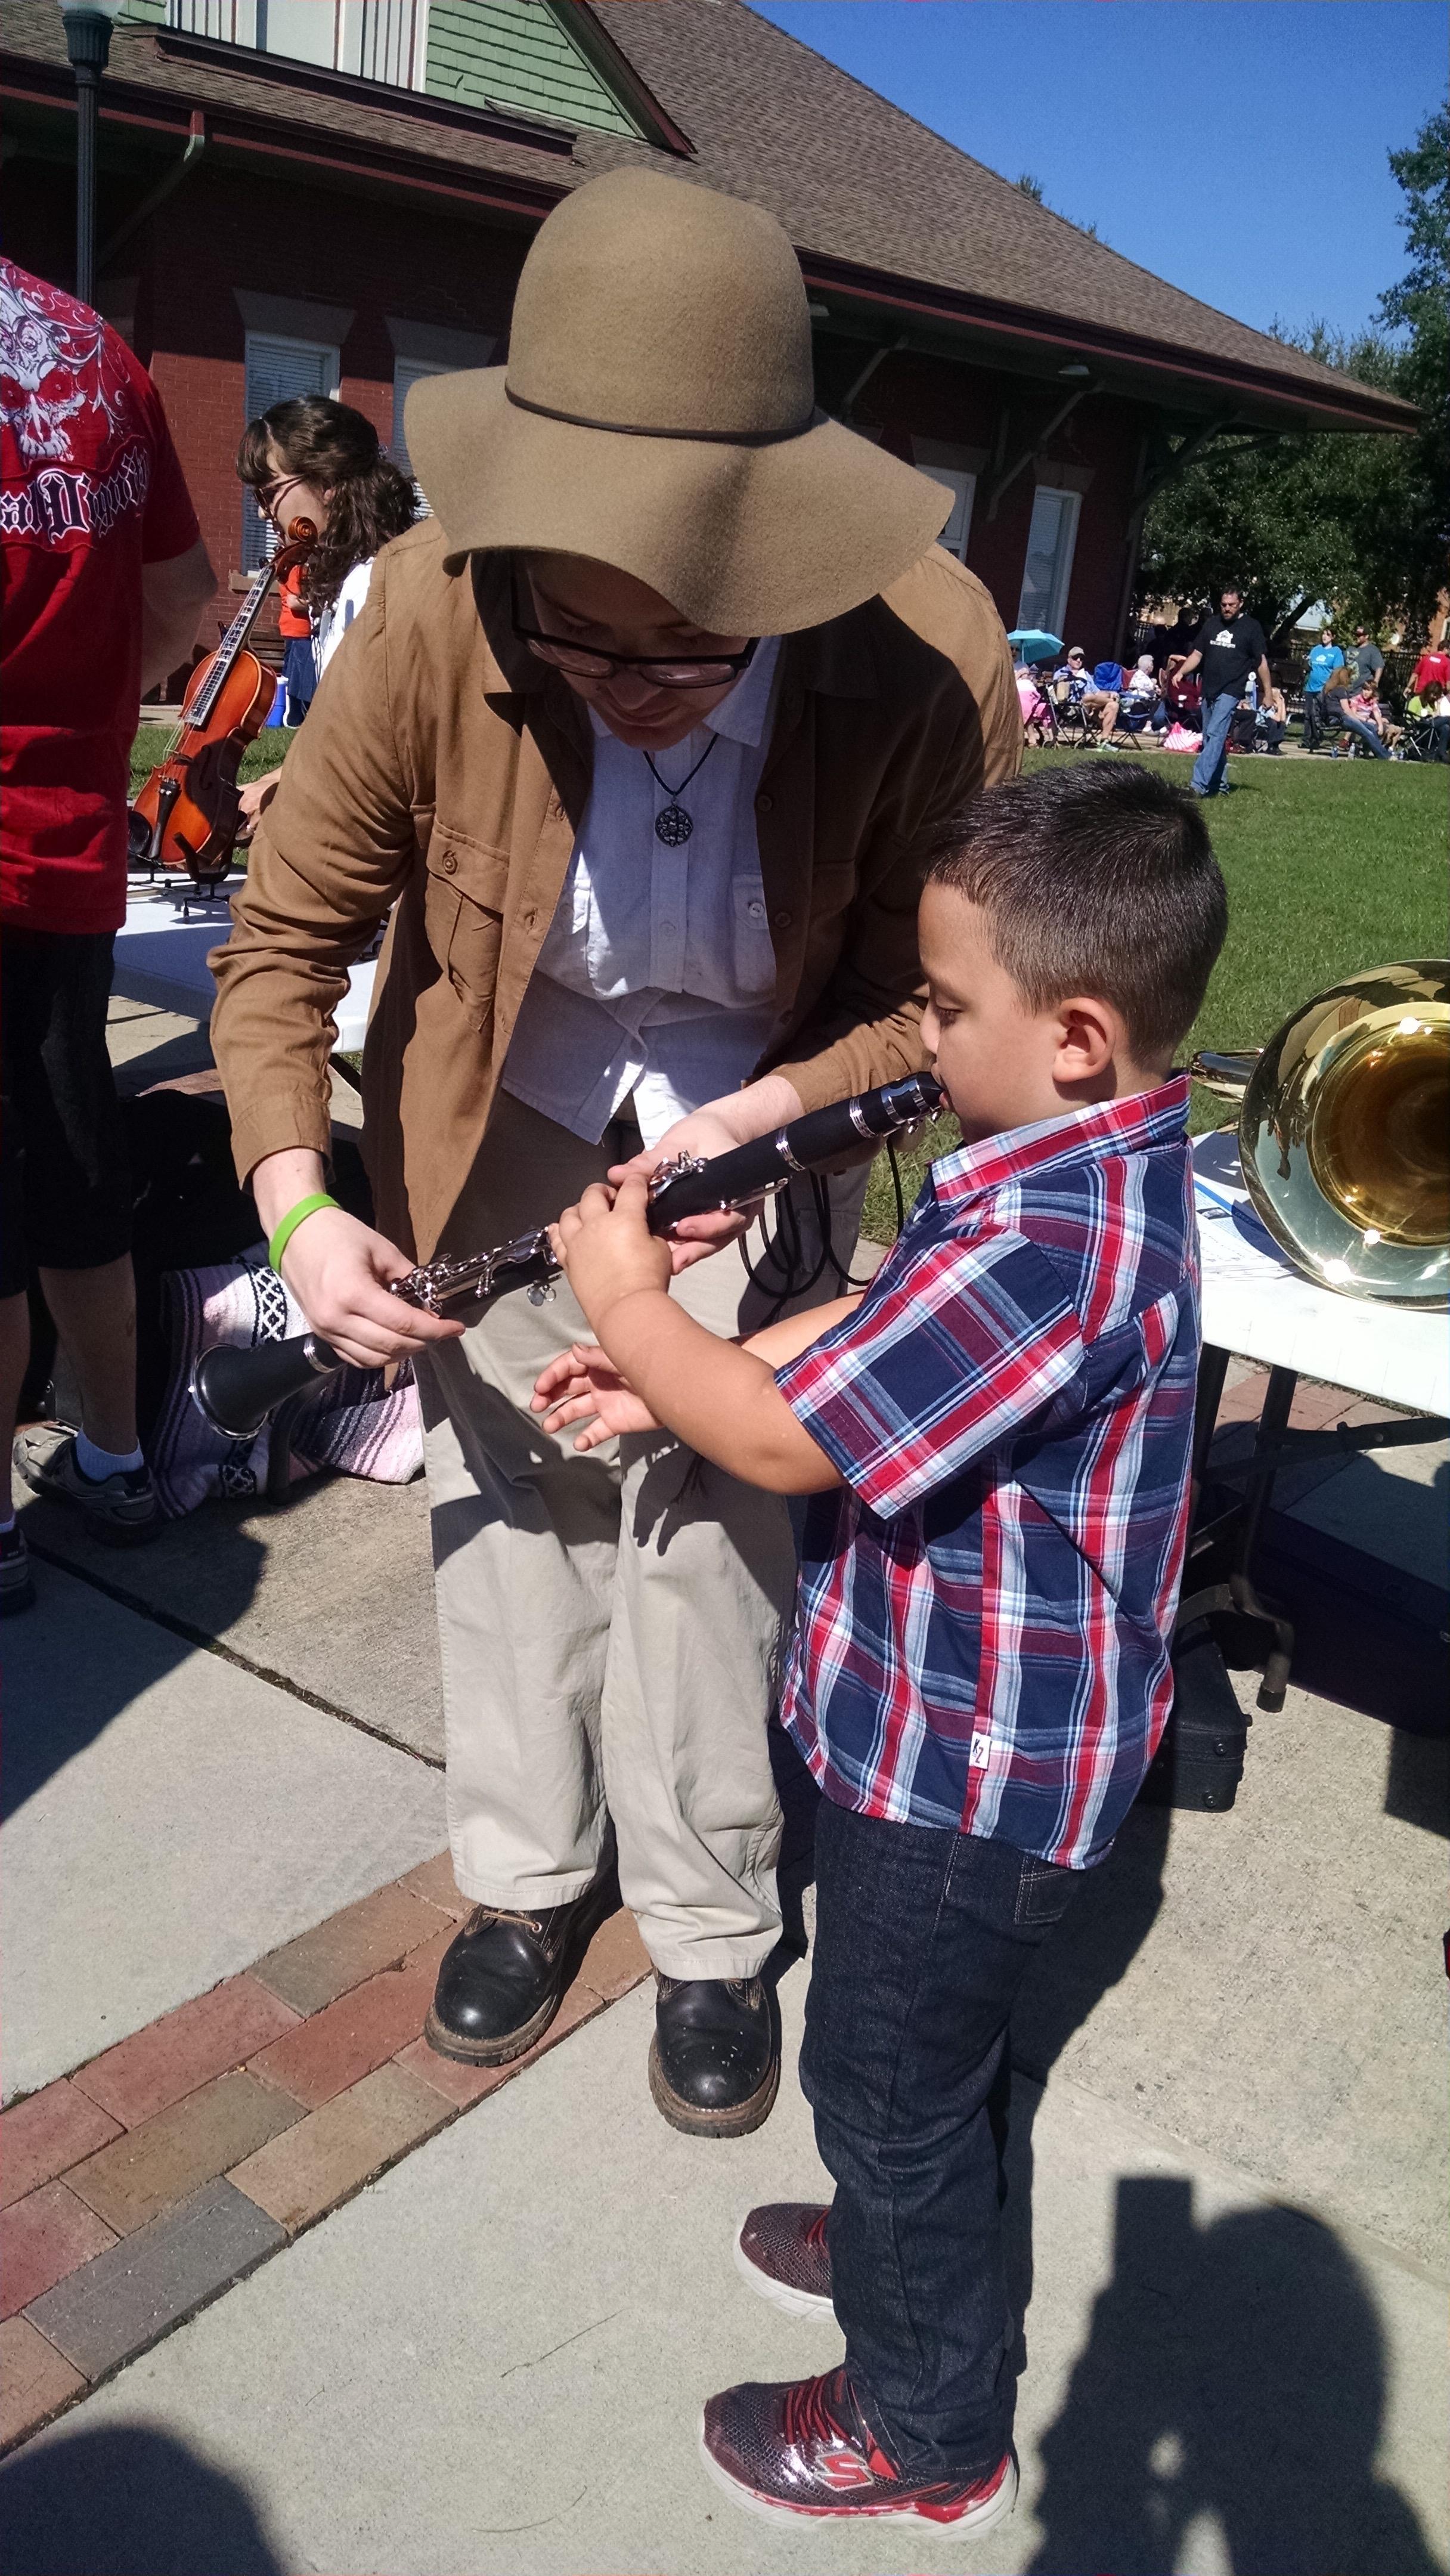 zoo clarinet